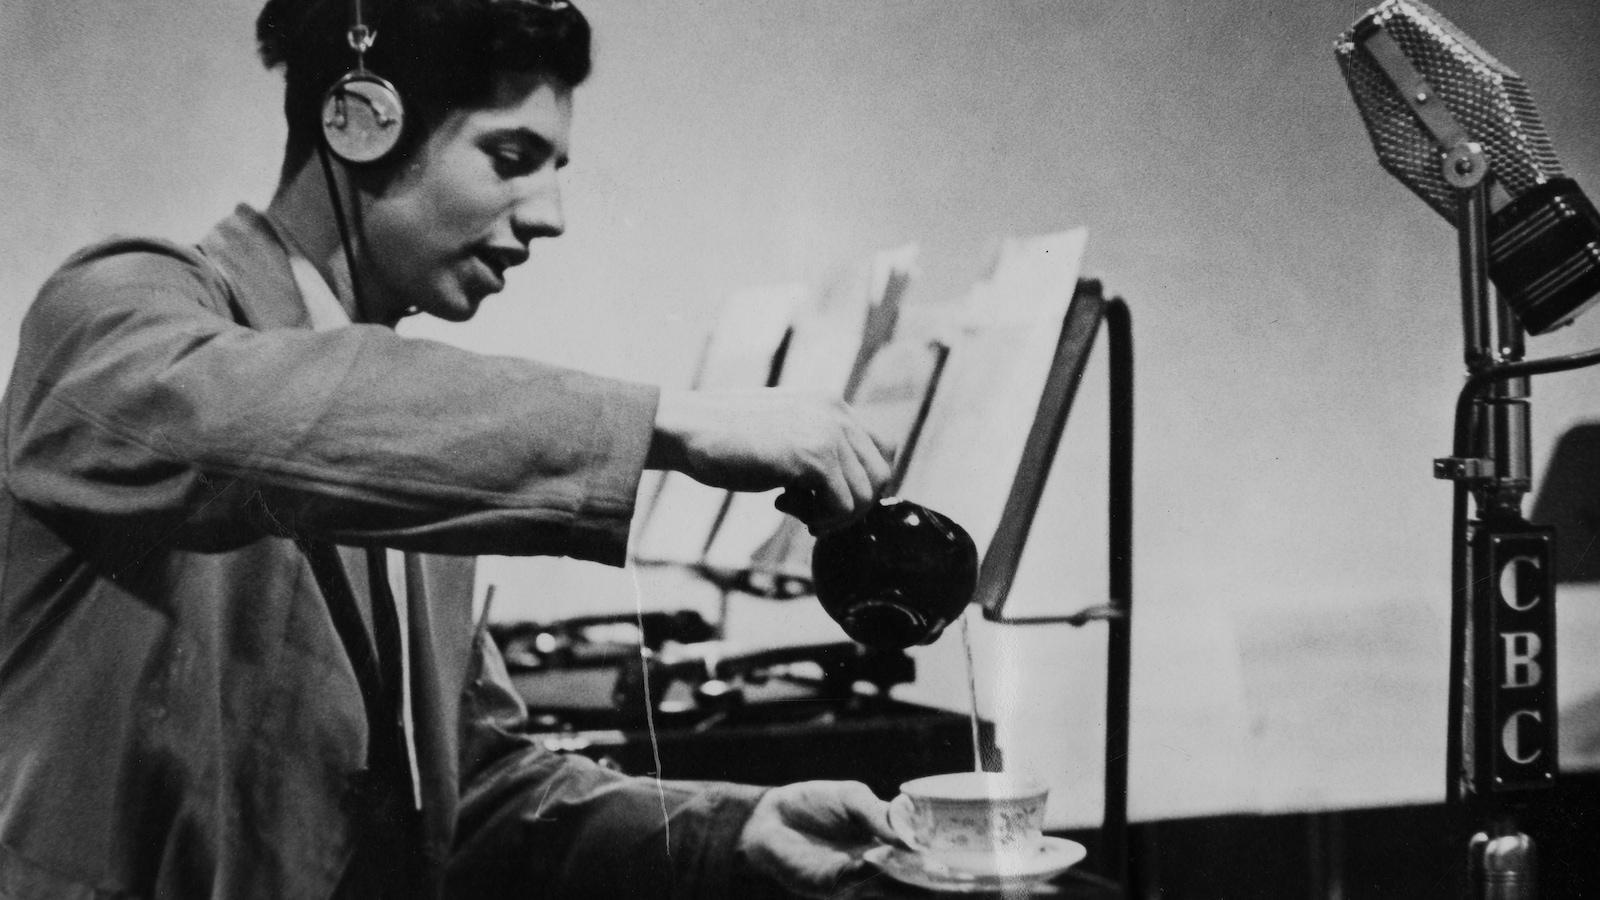 Un homme avec des écouteurs verse de l'eau d'une théière dans une tasse devant un microphone.